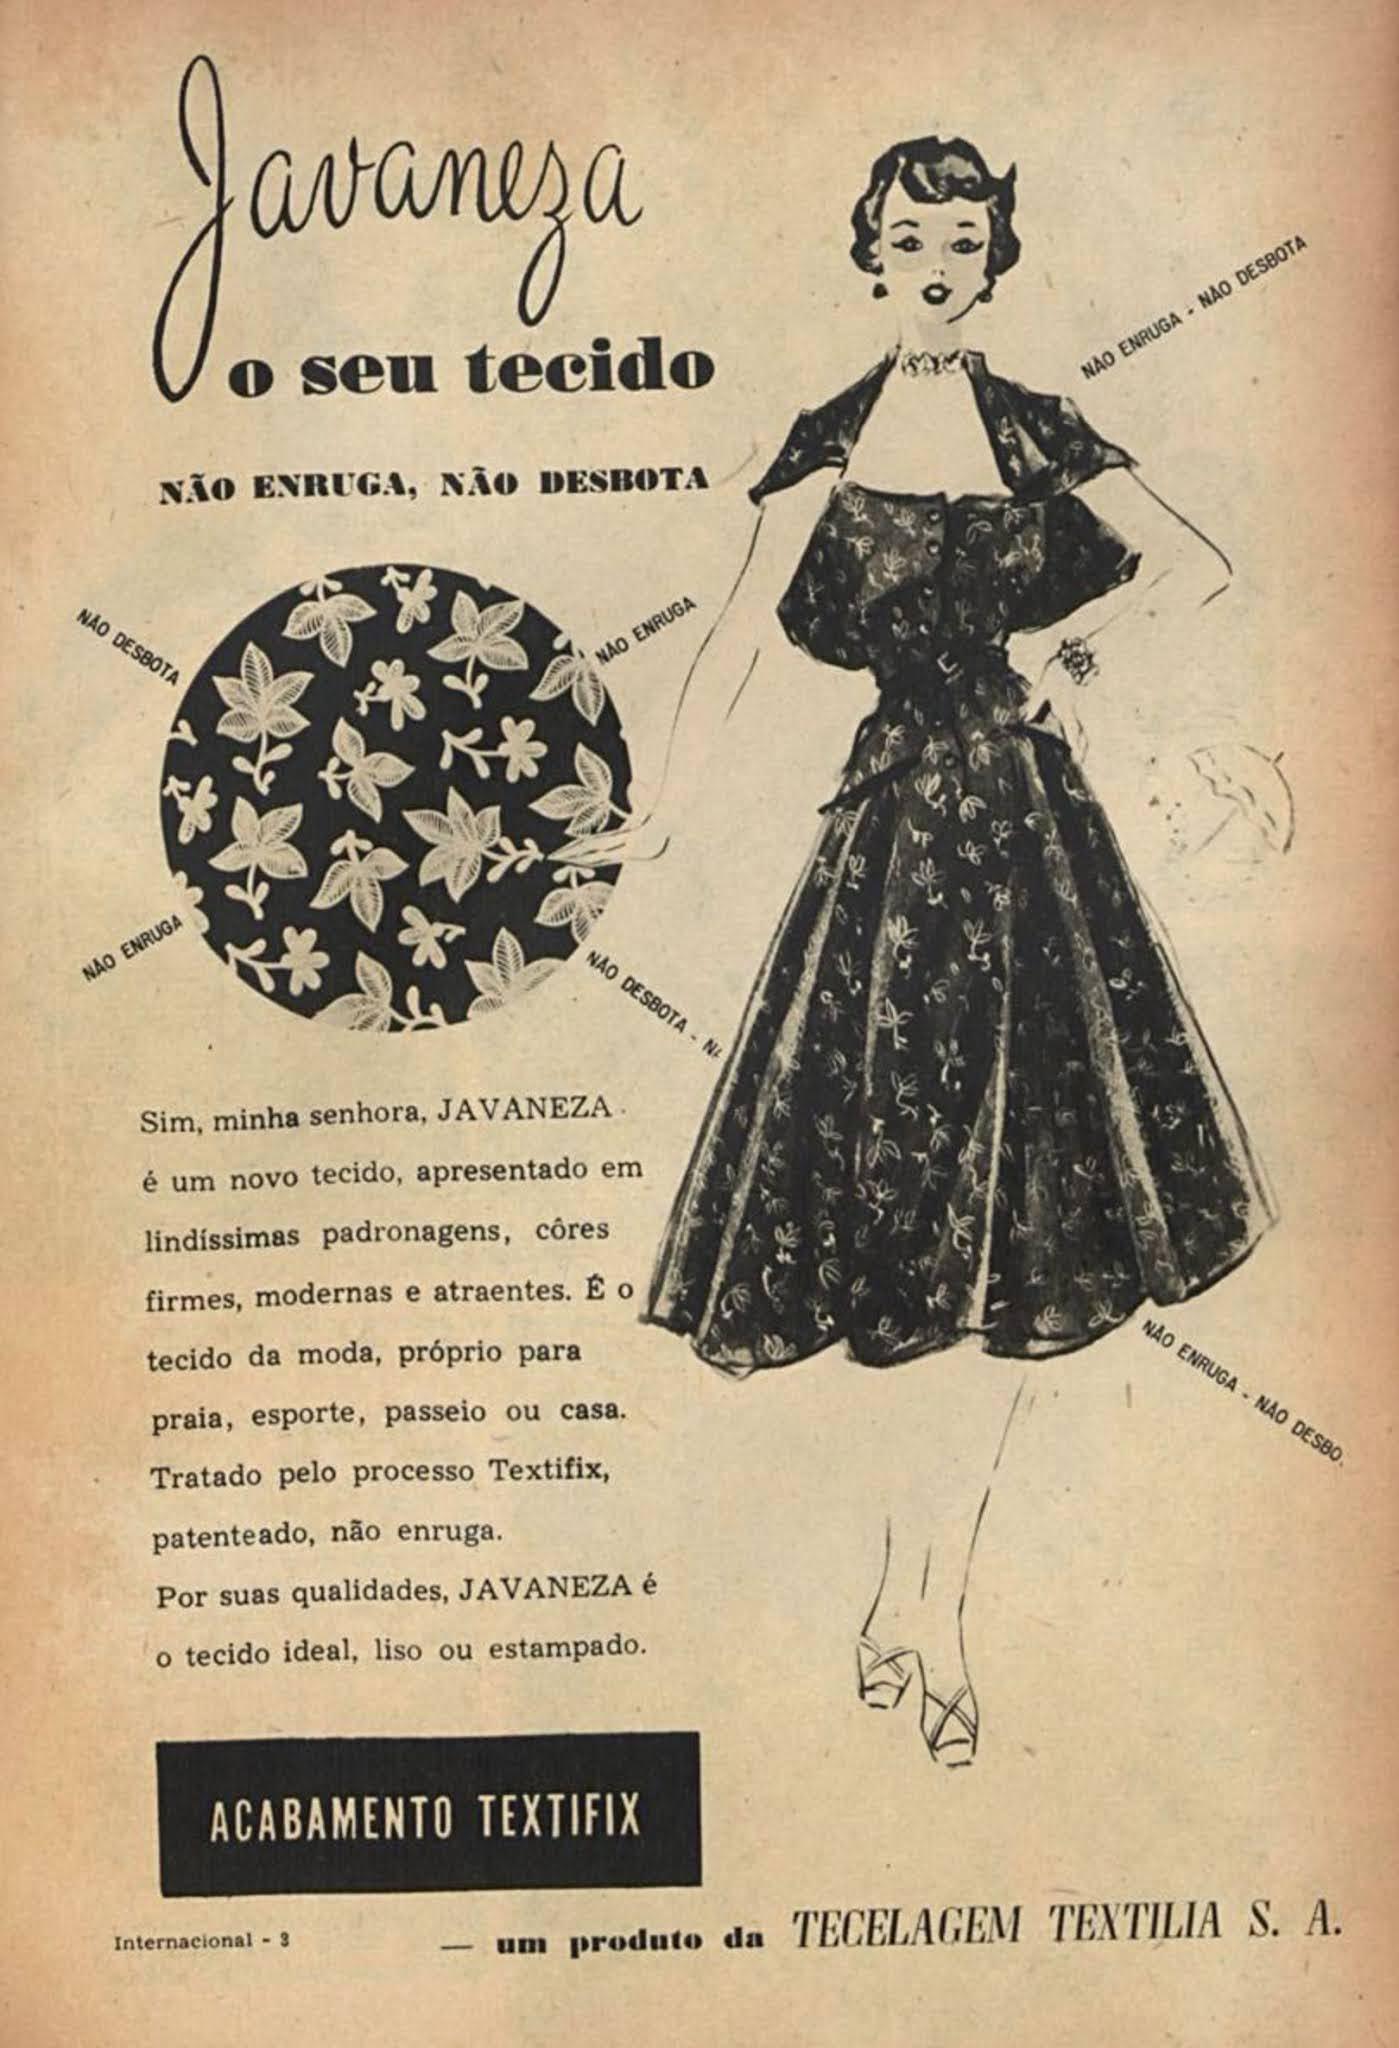 Anúncio de 1951 promovia a qualidade do tecido Javaneza